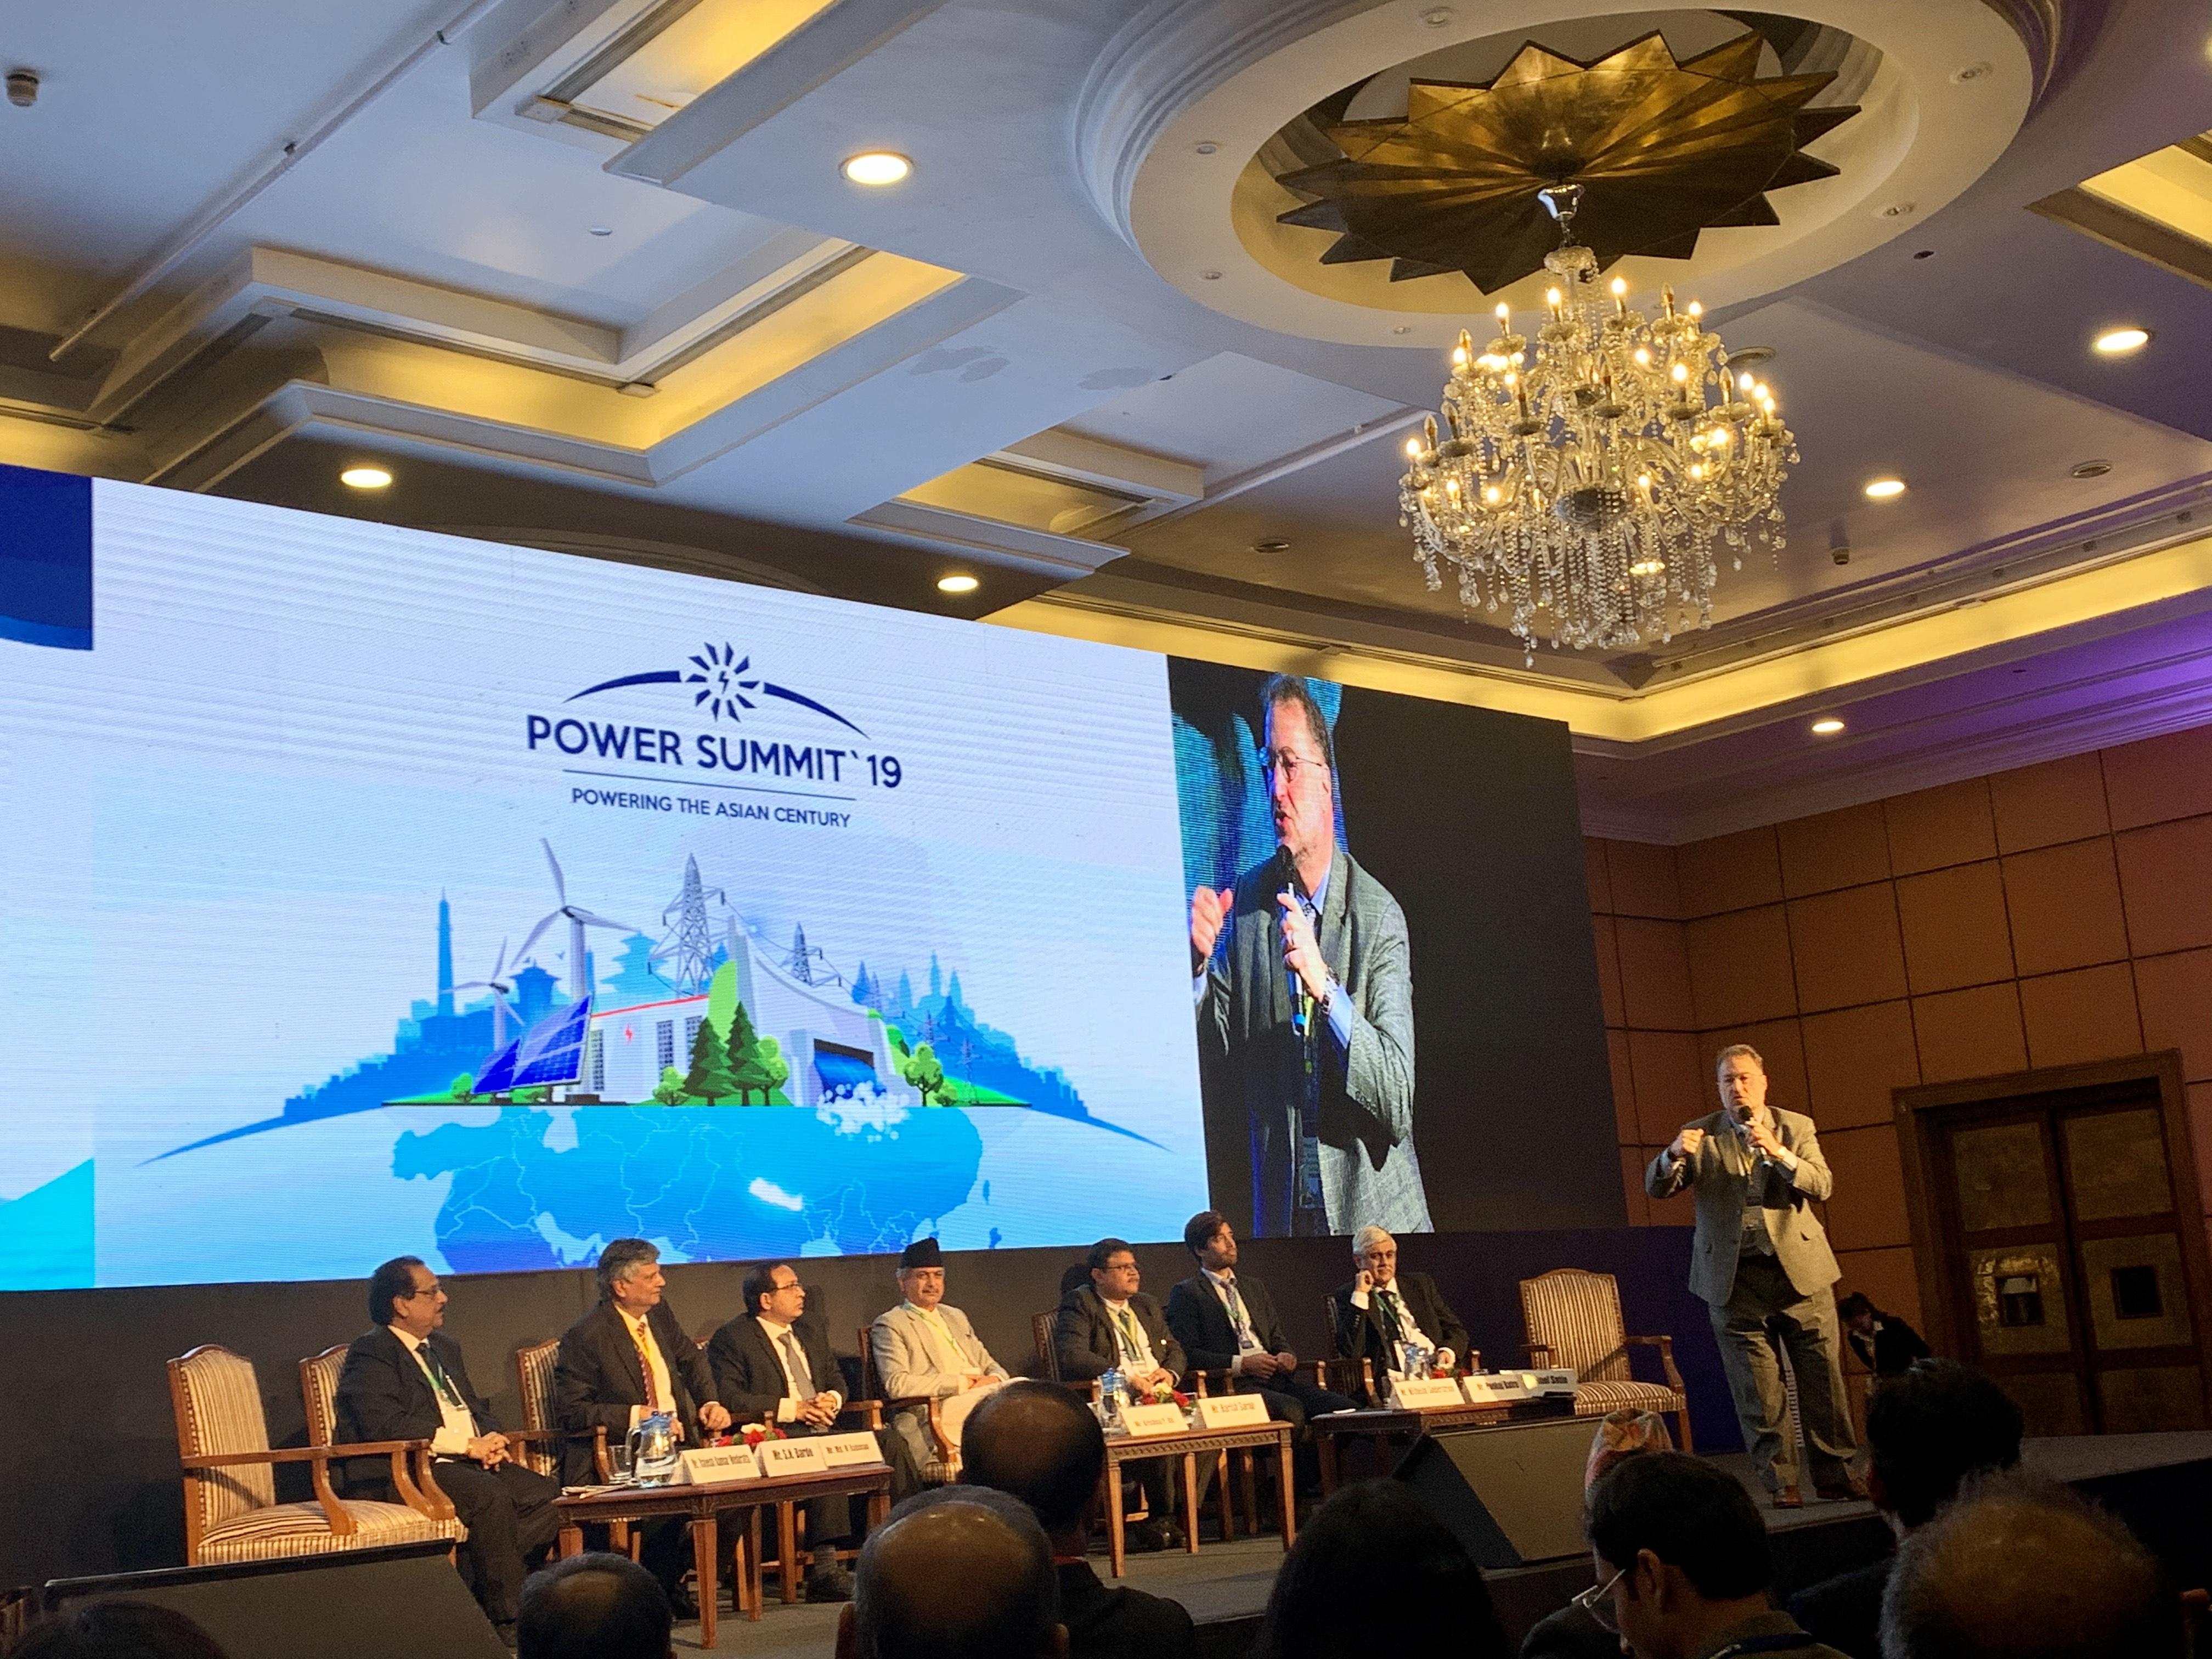 USAID' SARI/EI is Lead Sponsor at Power Summit 2019, Nepal